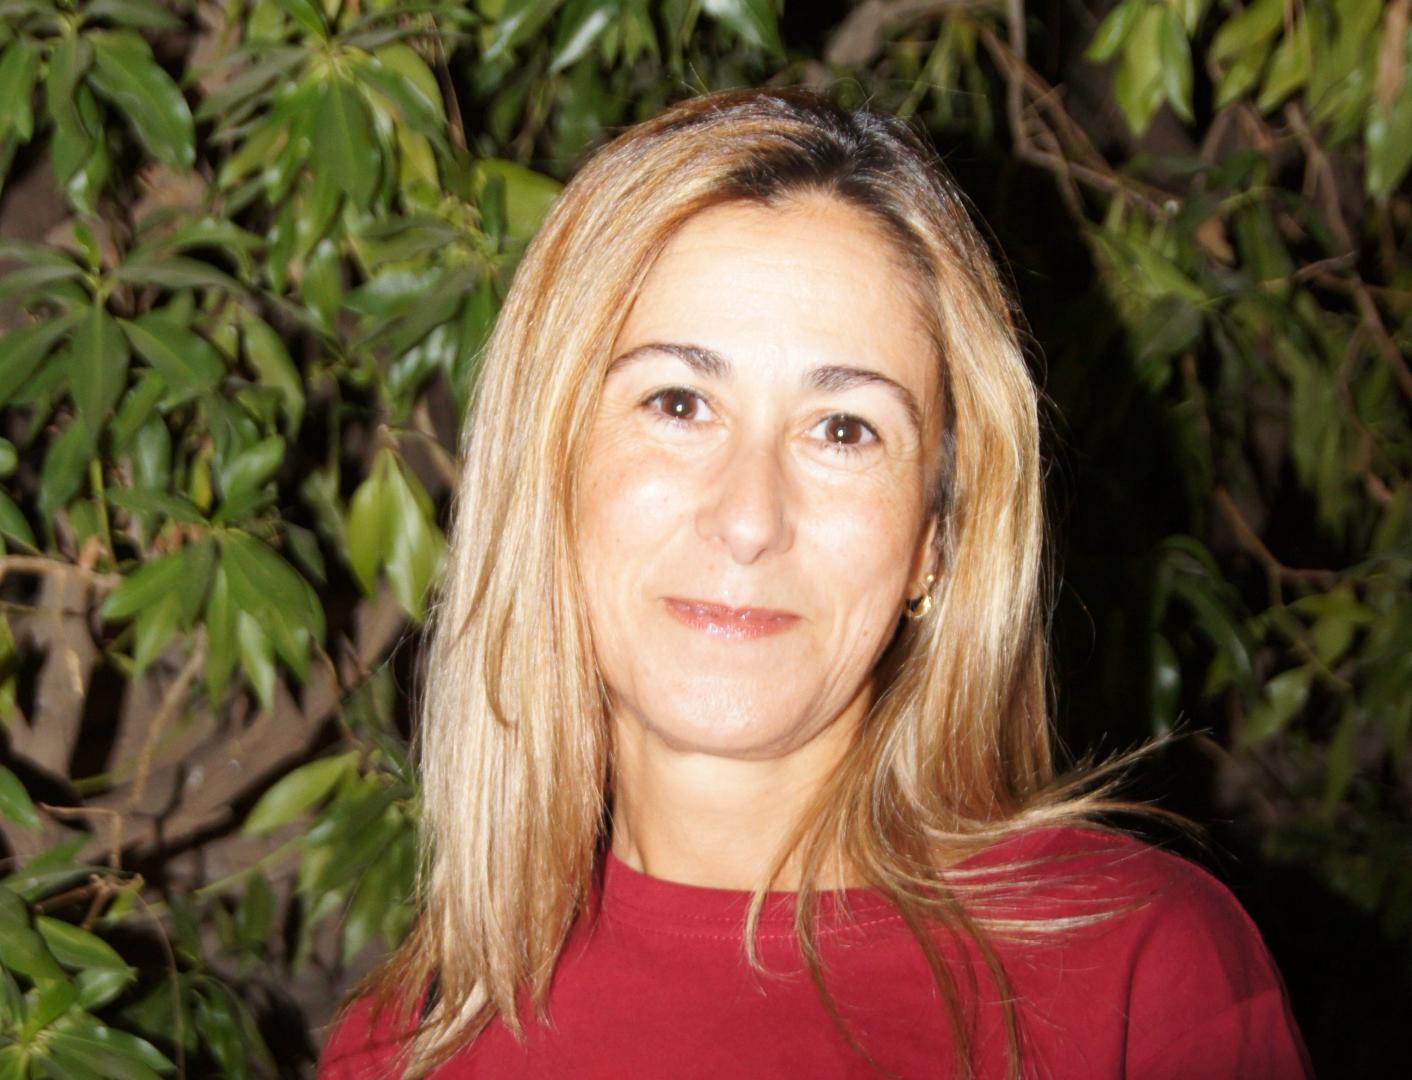 V Noche Miguera Fiestas Archena 2012